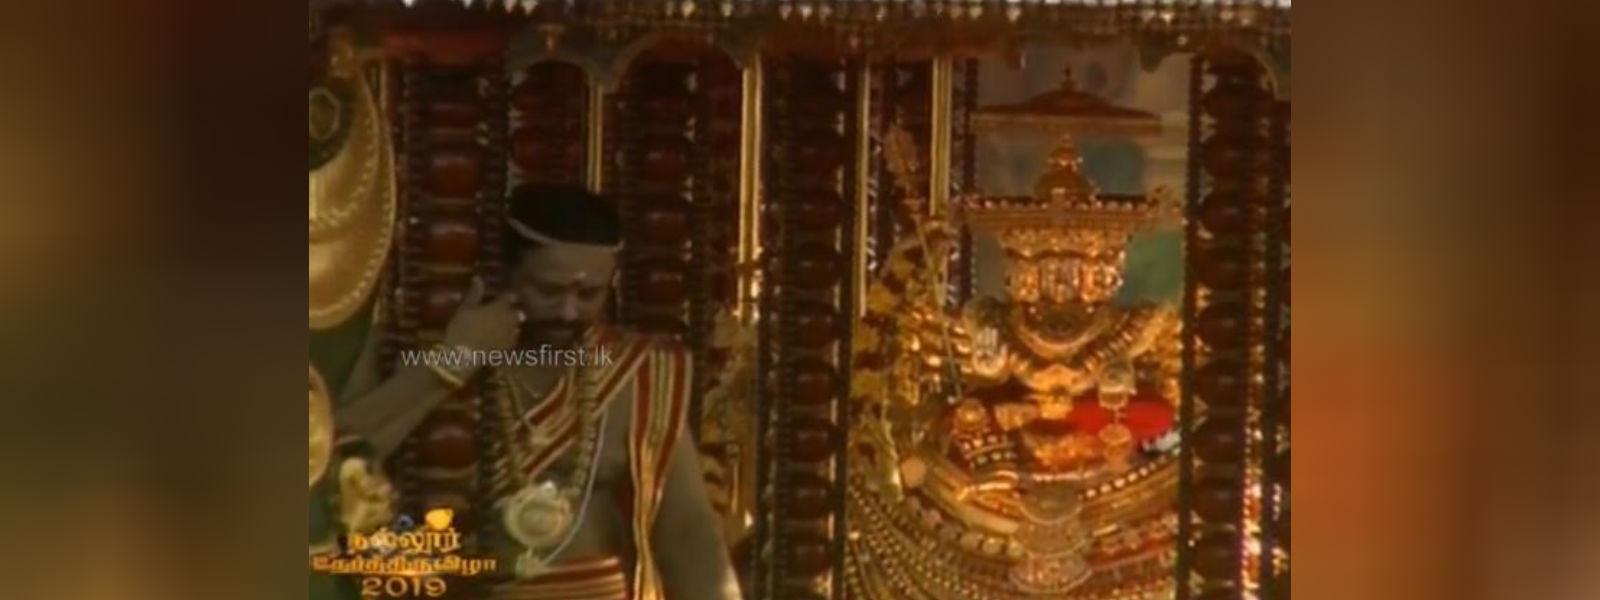 நல்லூர் இரதோற்சவப் பெருவிழா இன்று